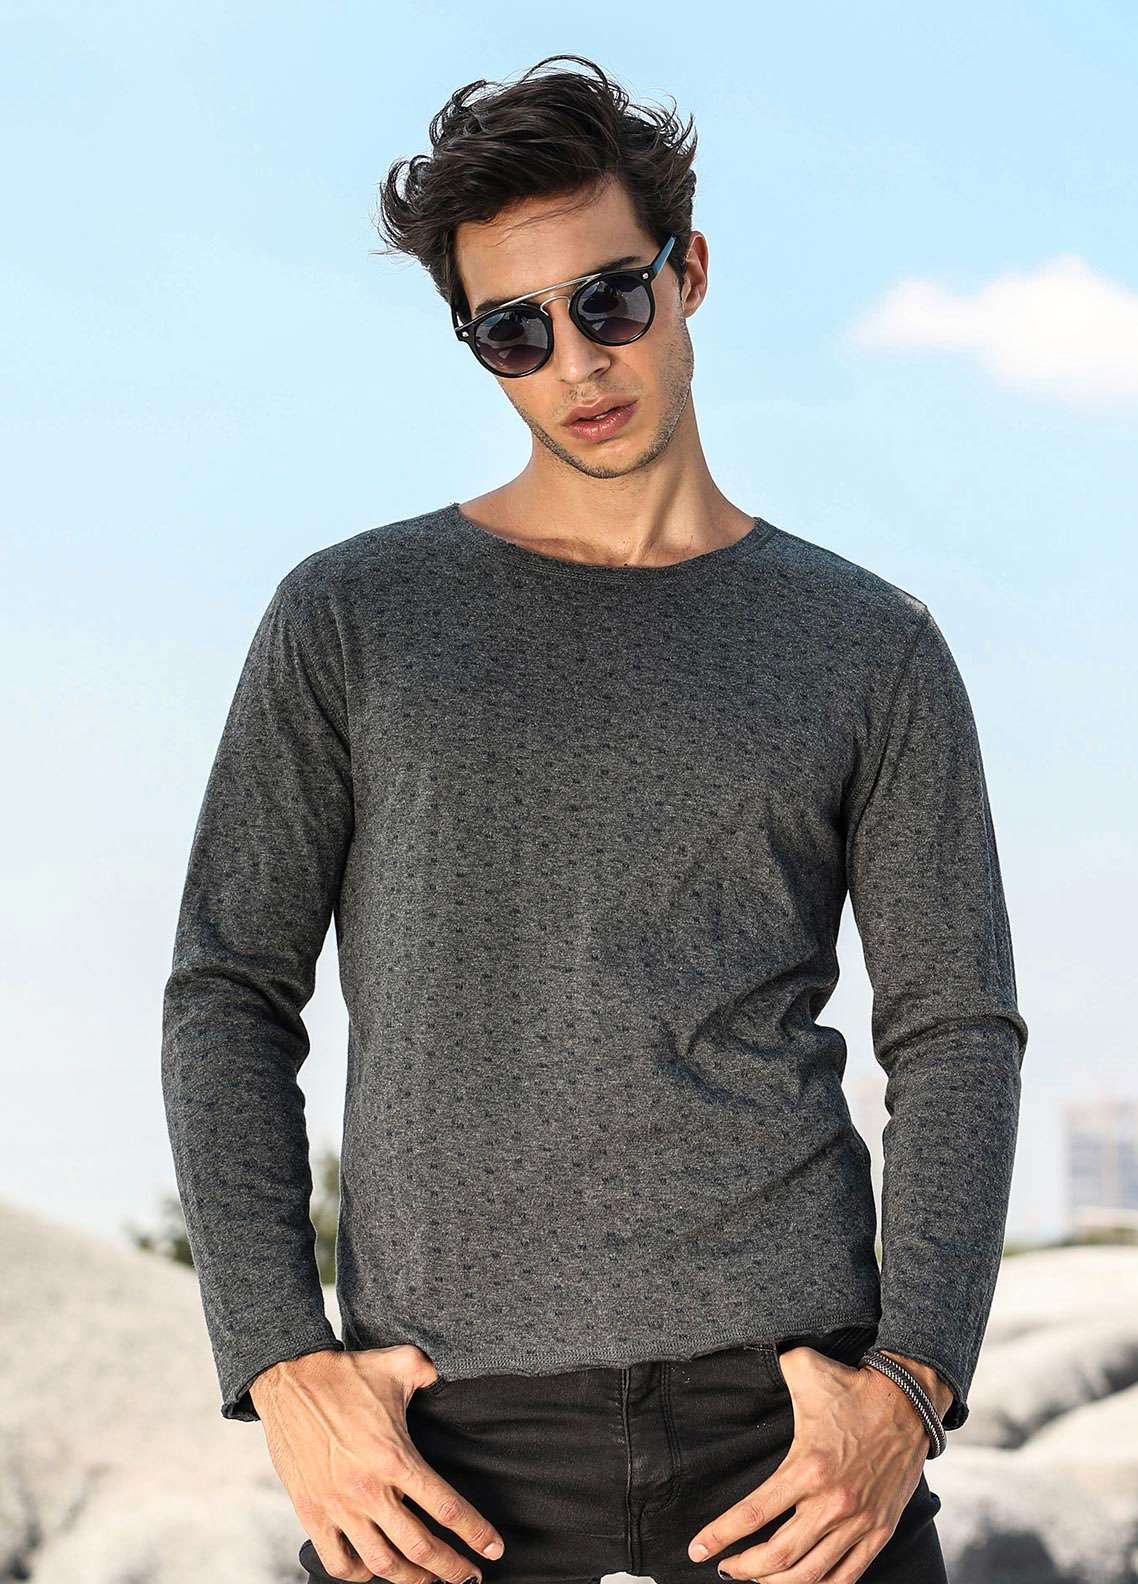 Furor Jersey Casual Men Sweatshirts - Grey 017222